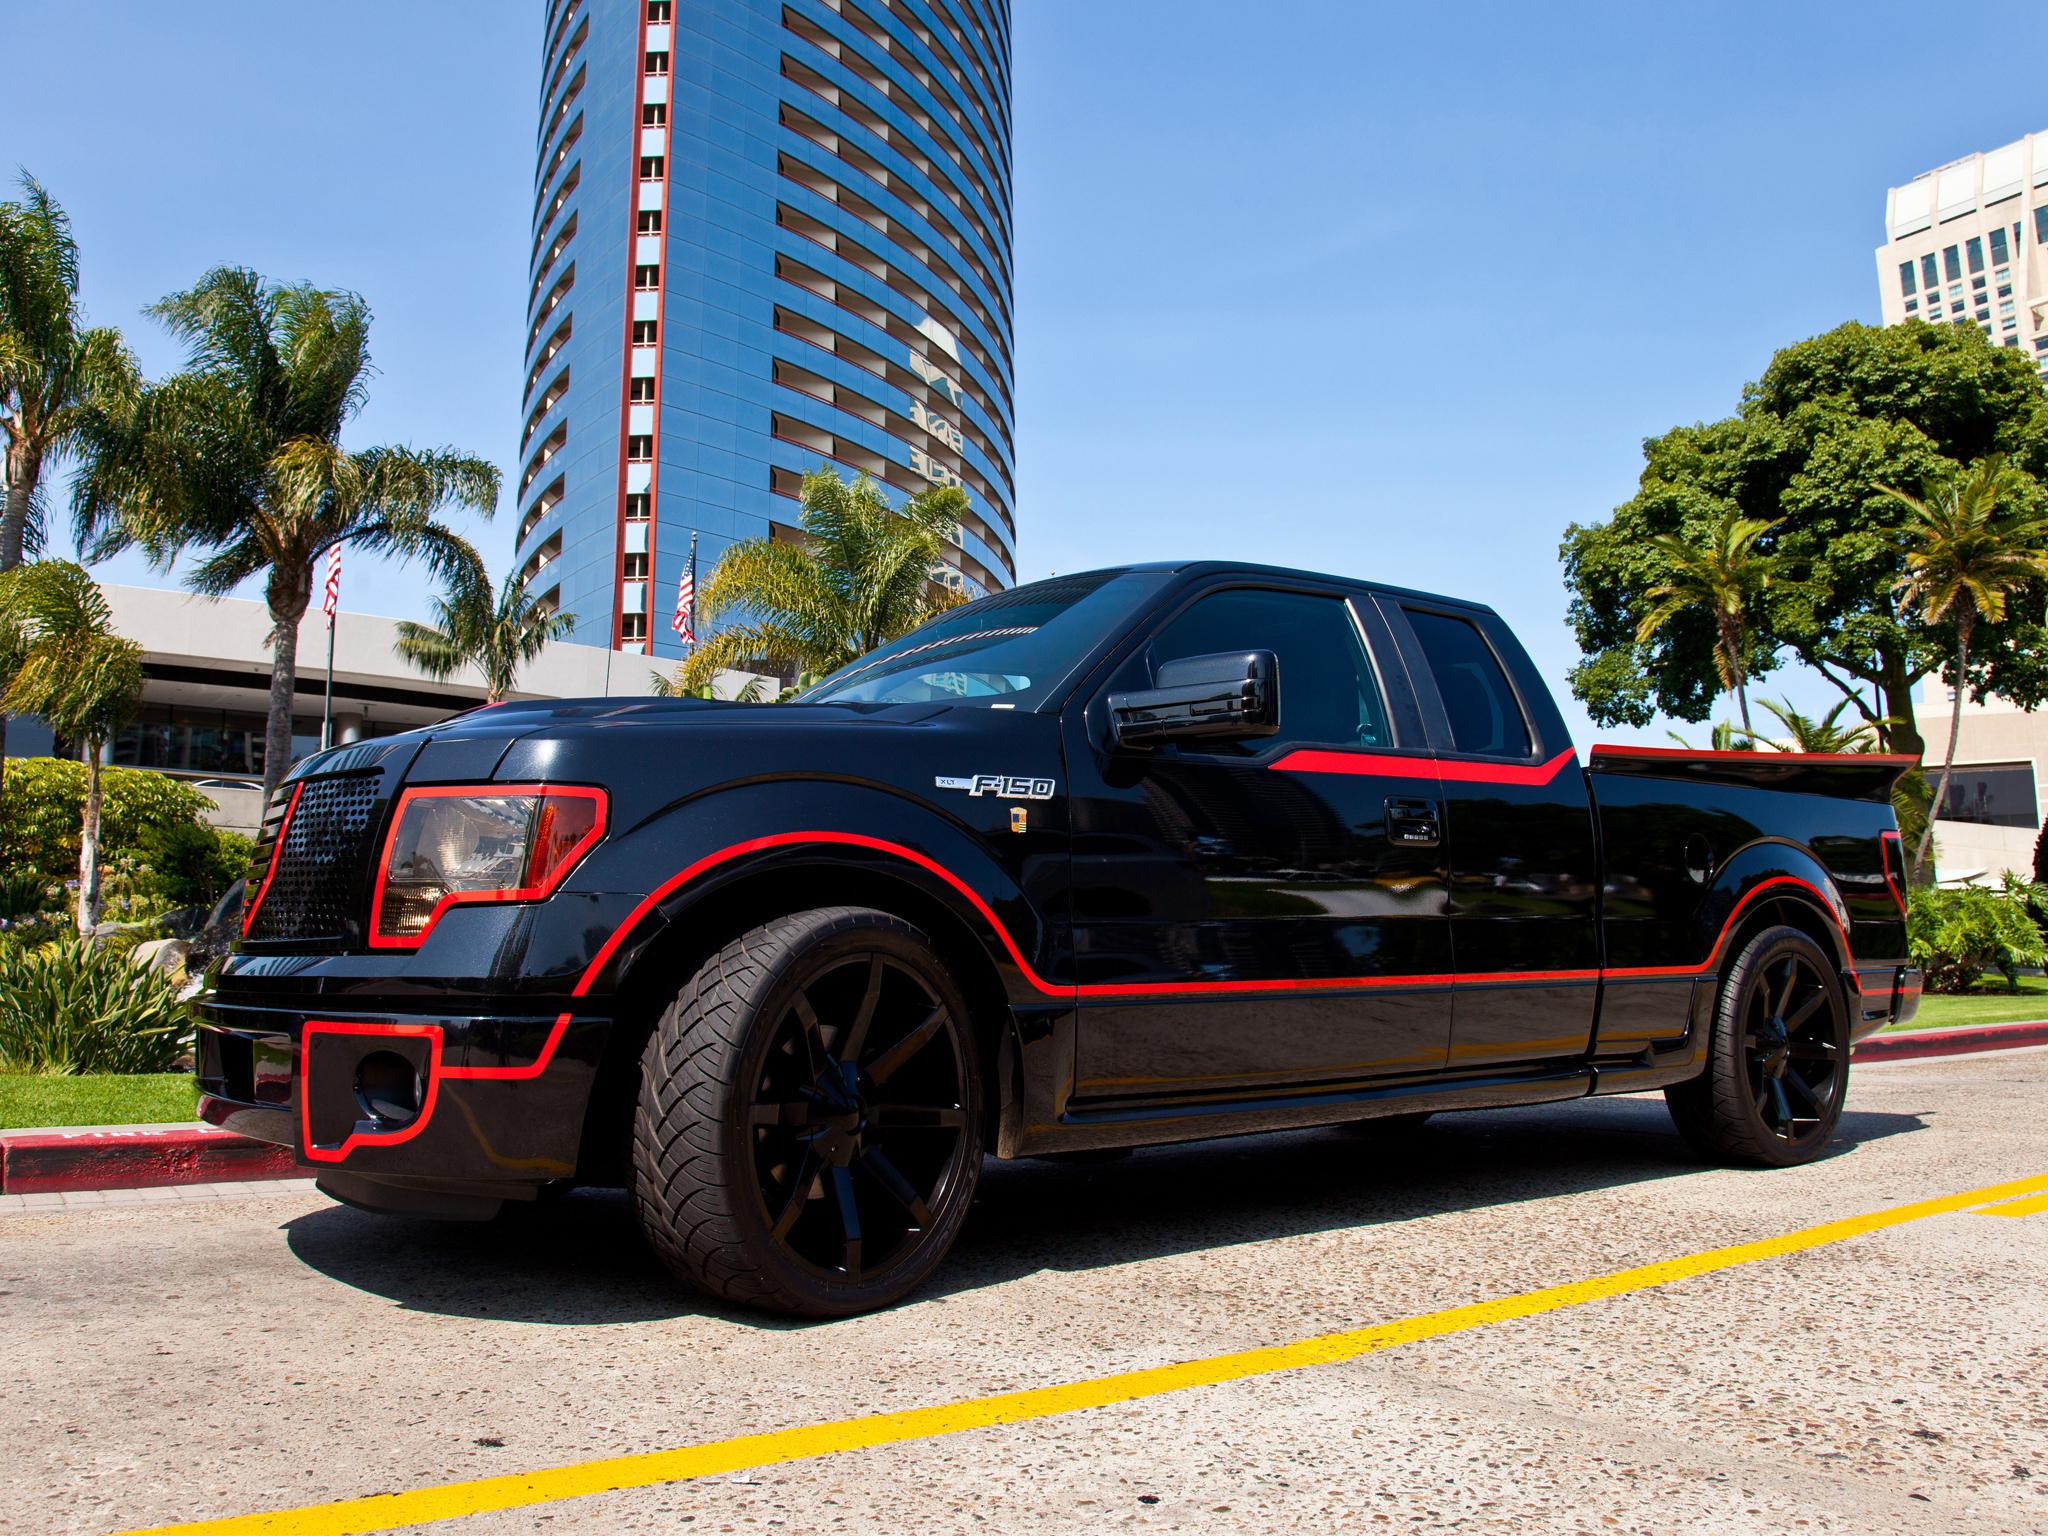 muscle custom truck fh wallpaper 2048x1536 123620 WallpaperUP 2048x1536